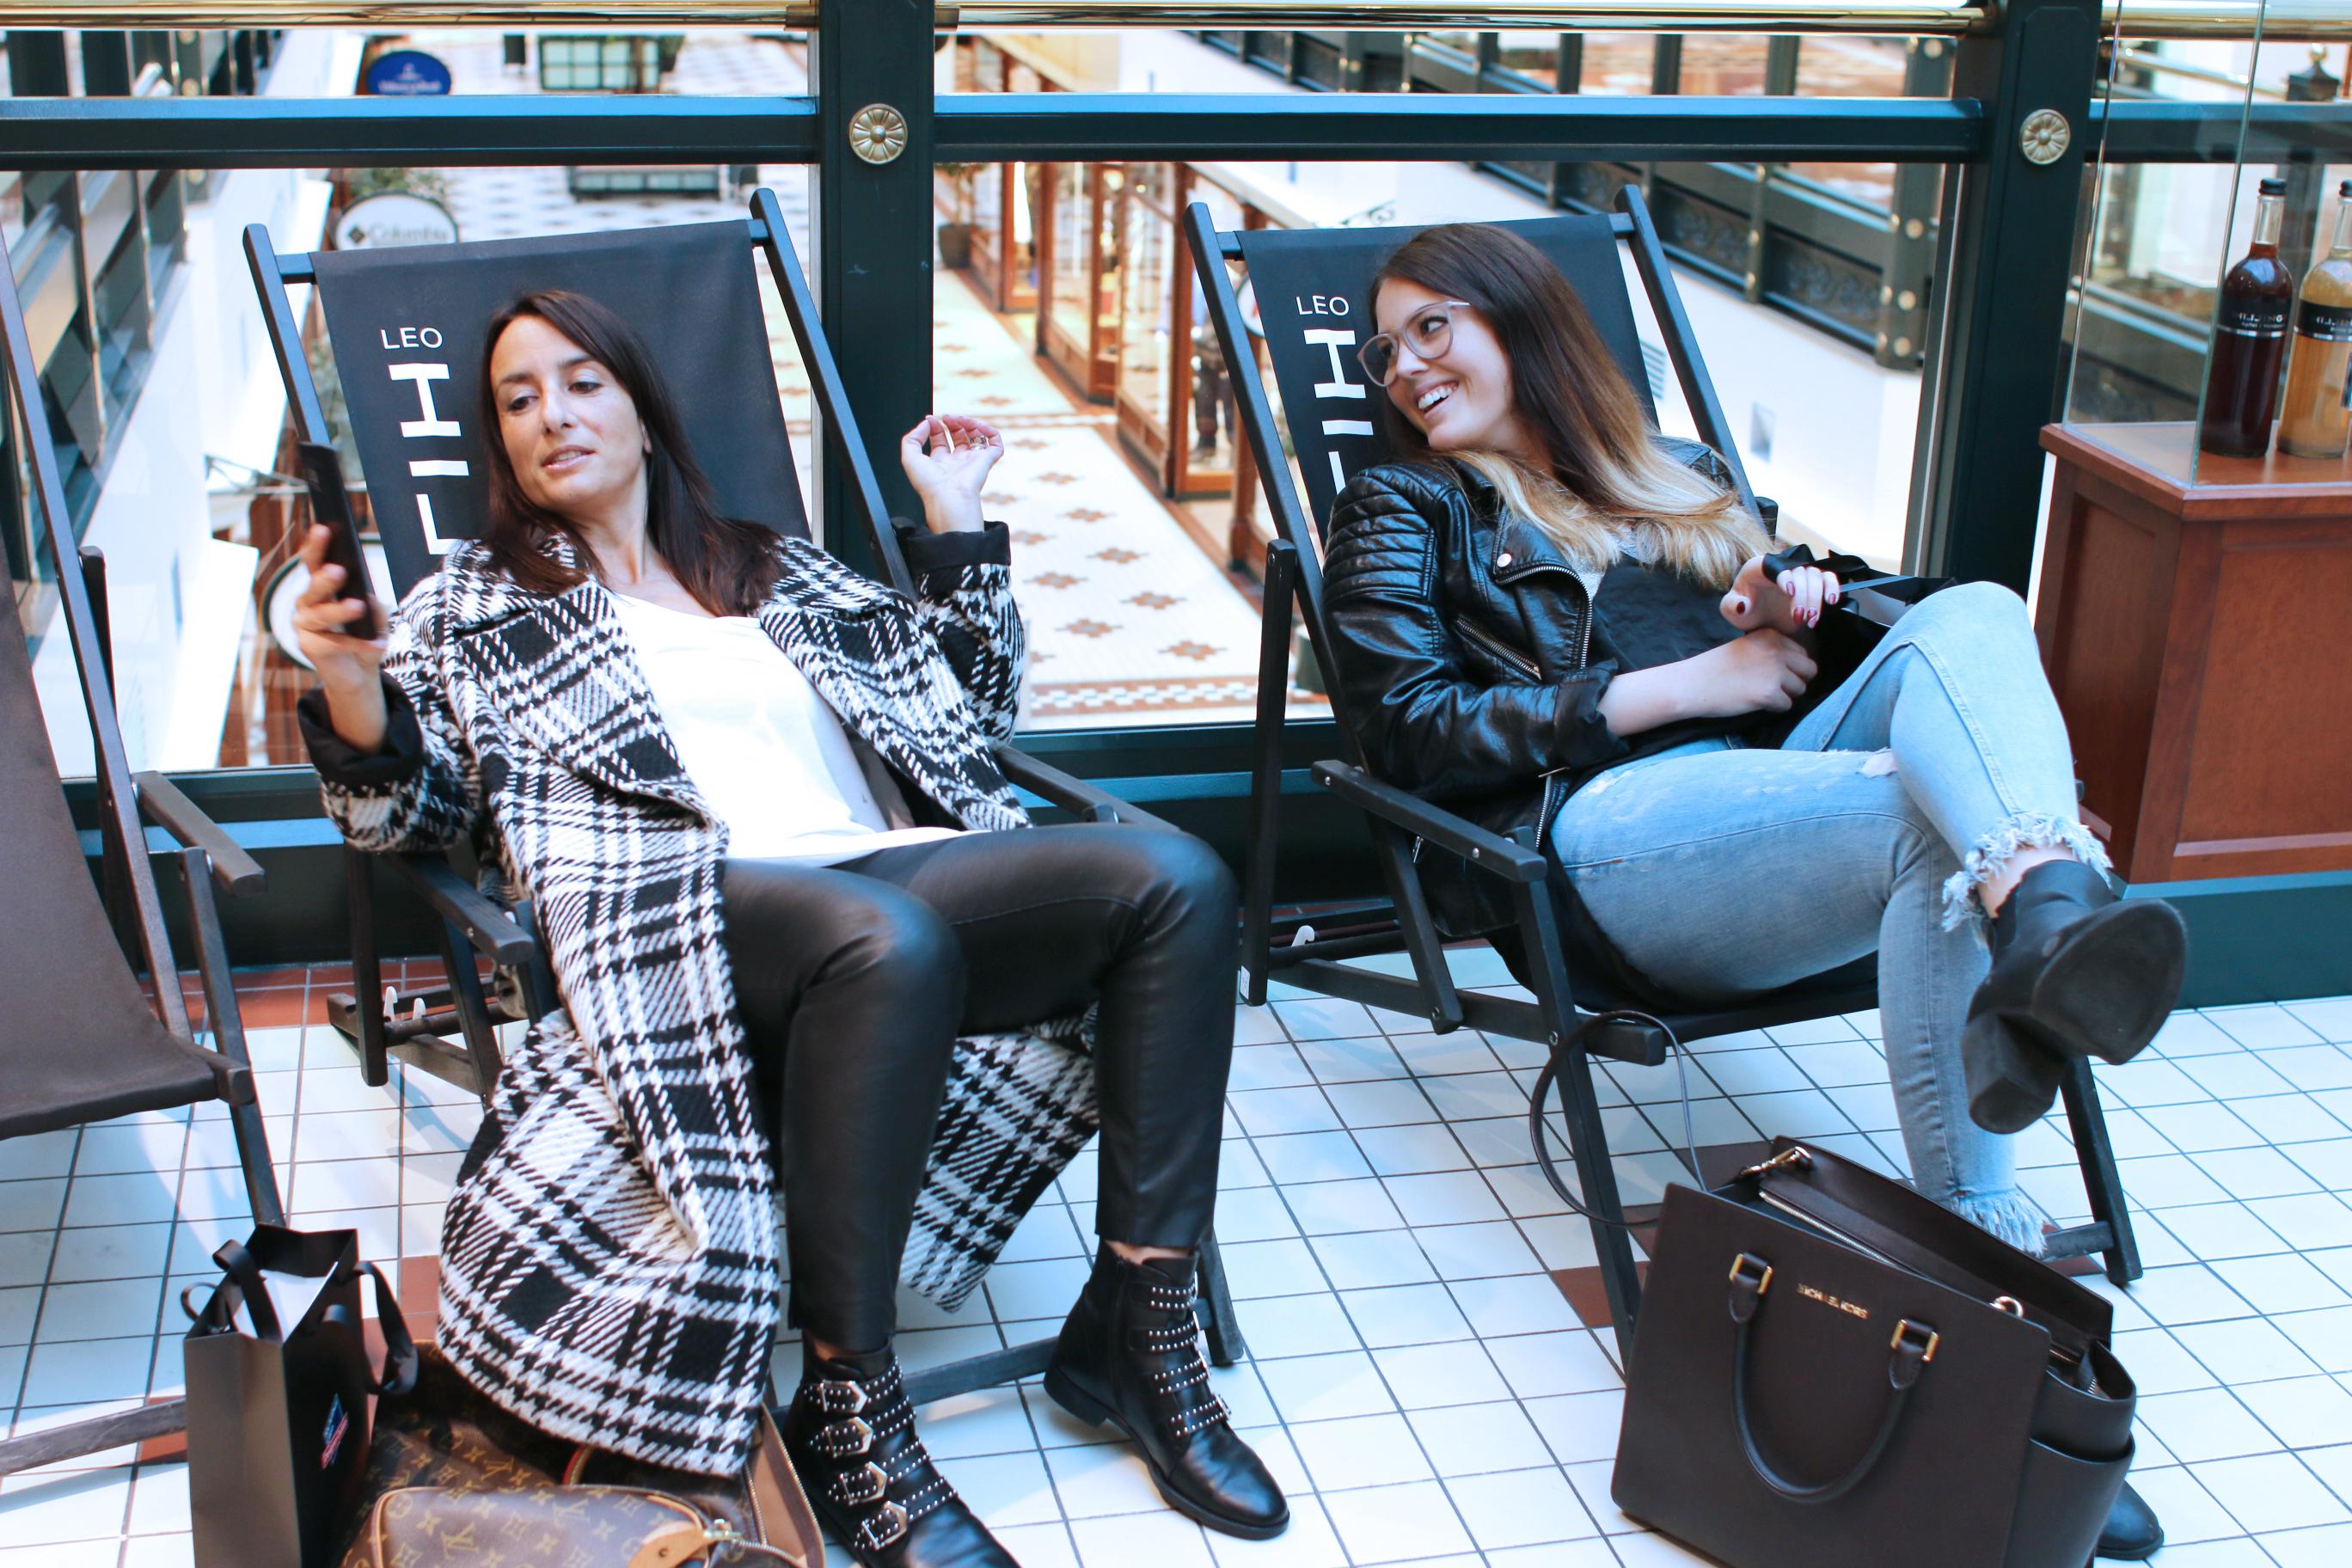 designer-outlet-salzburg-gewinnspiel-late-night-shopping-3